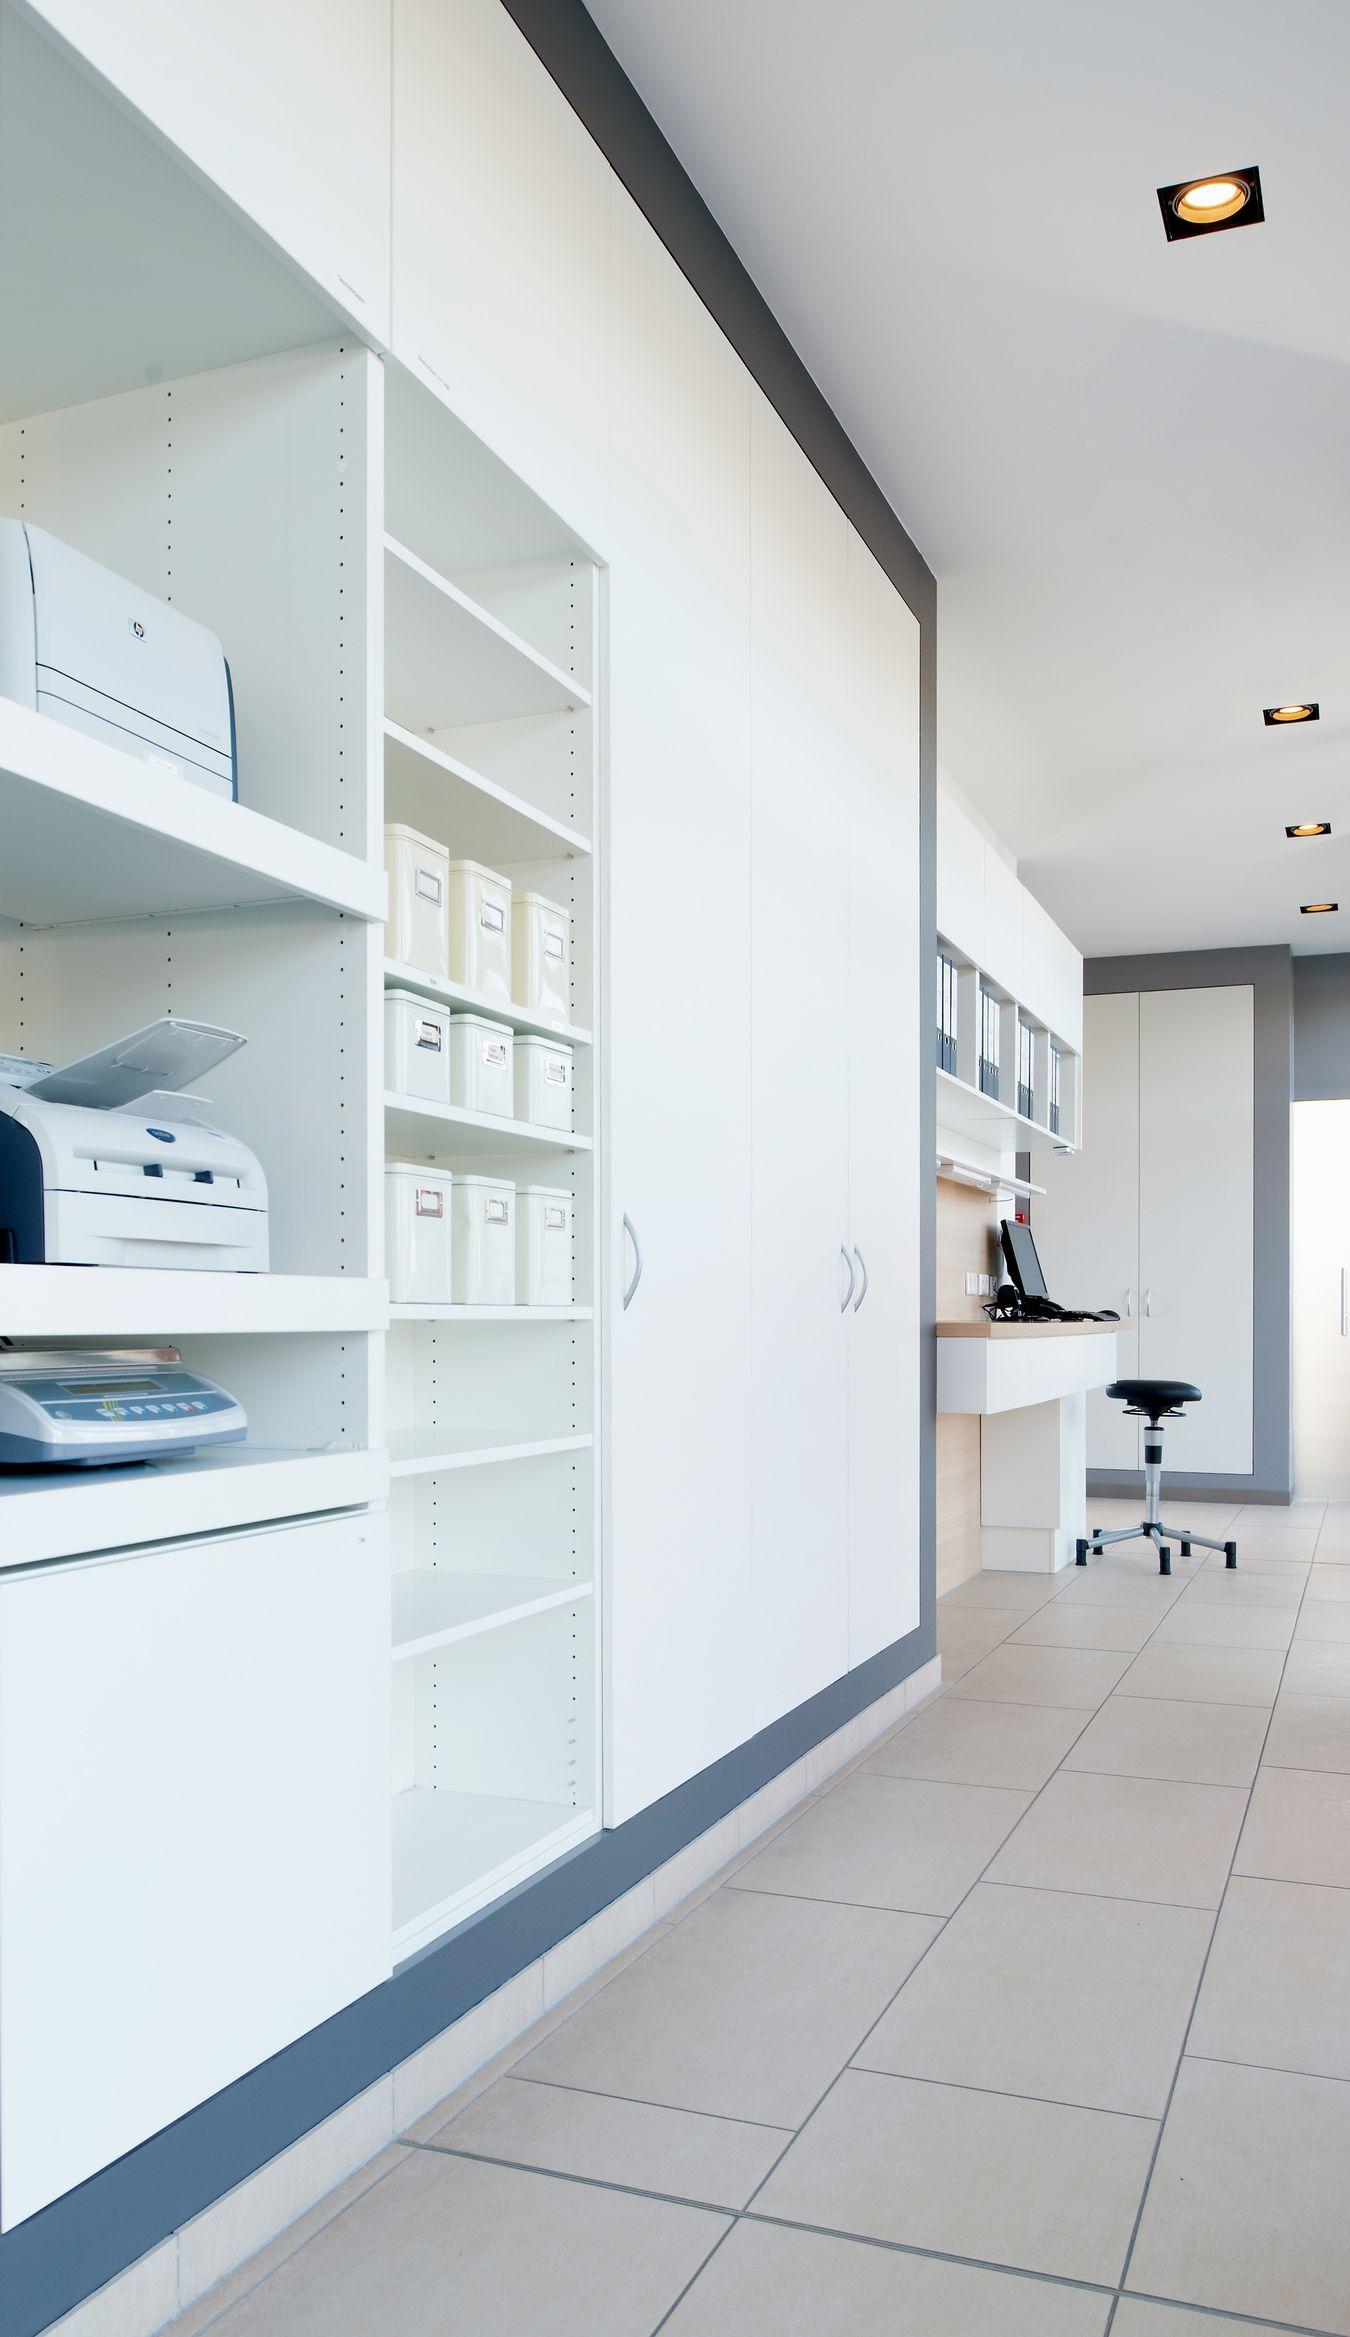 Das Backoffice der Apotheke bietet Platz für die elektronischen Geräte und genügend Stauraum für Ordner und Unterlagen